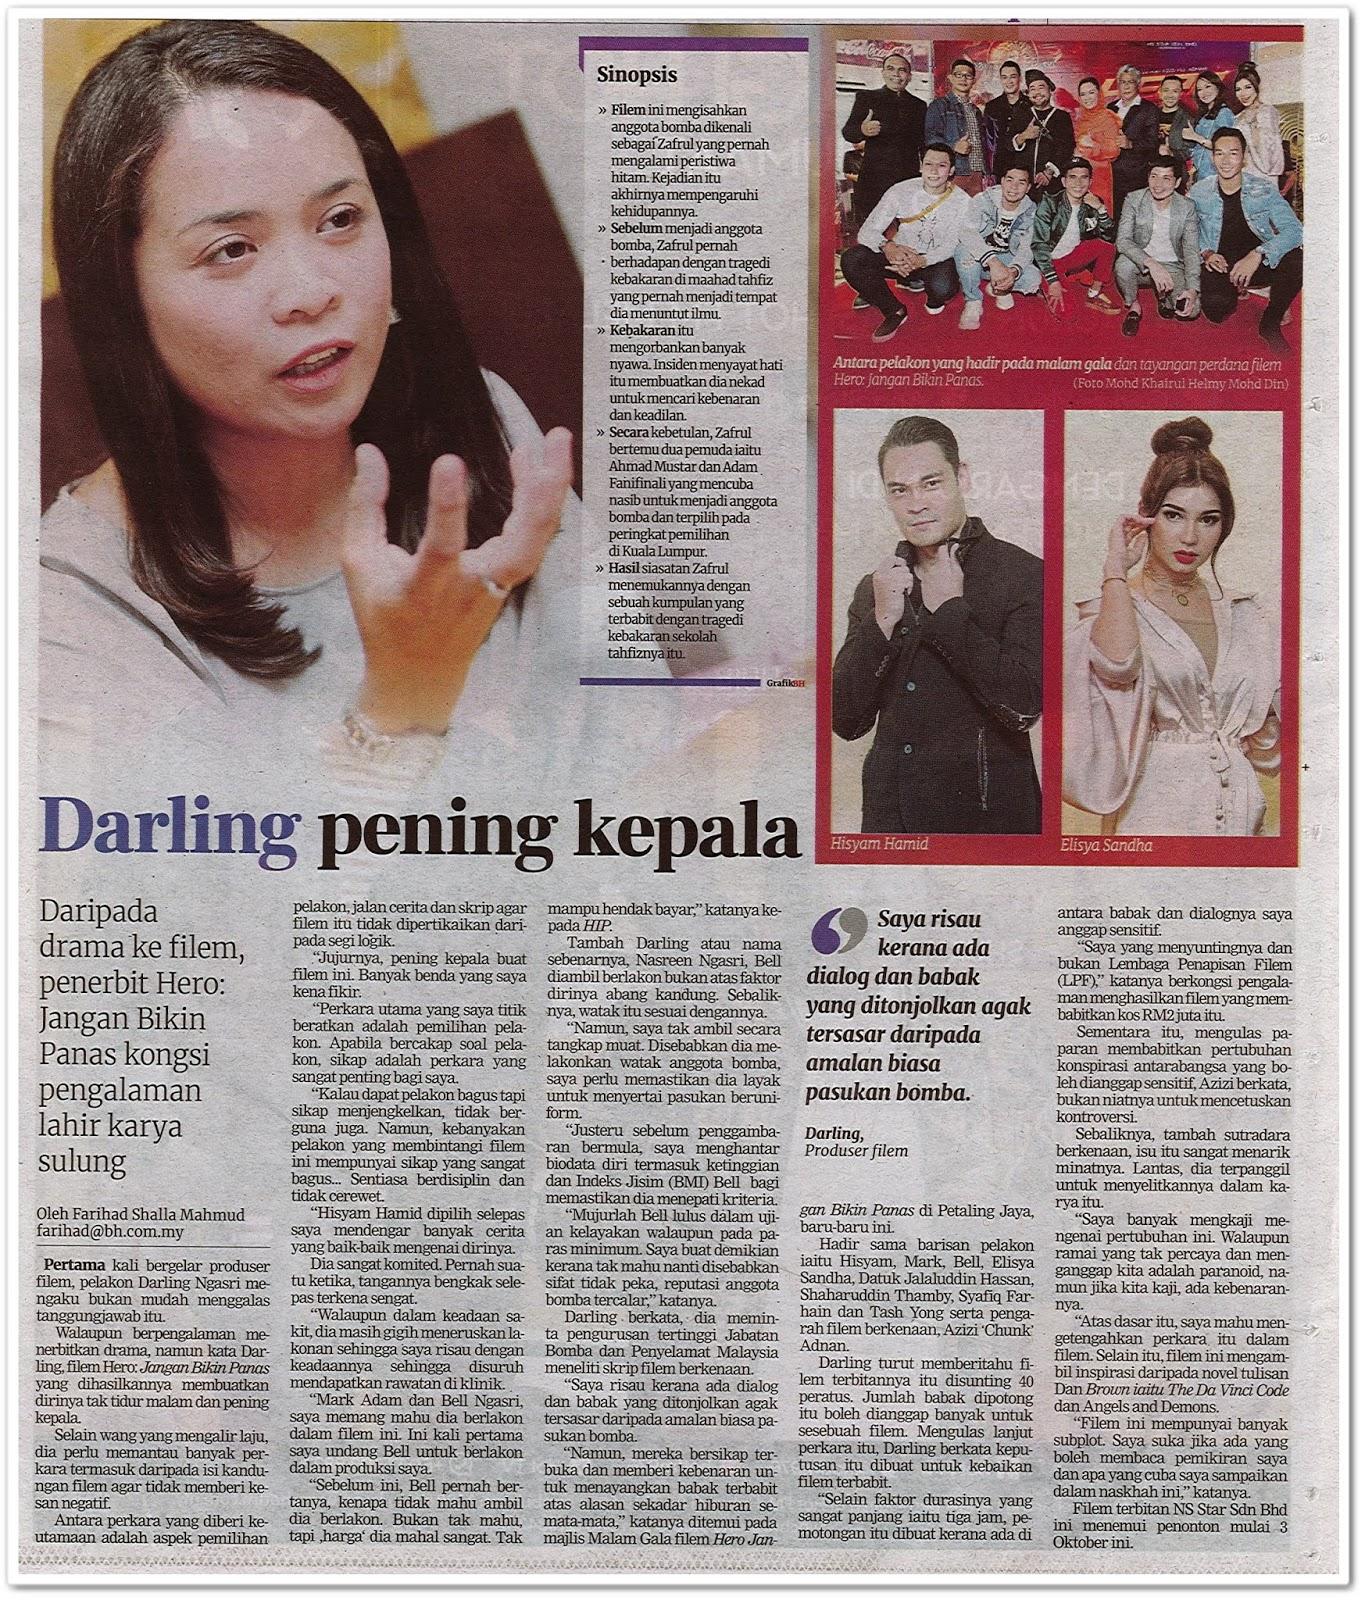 Darling pening kepala - Keratan akhbar Berita Harian 3 Oktober 2019